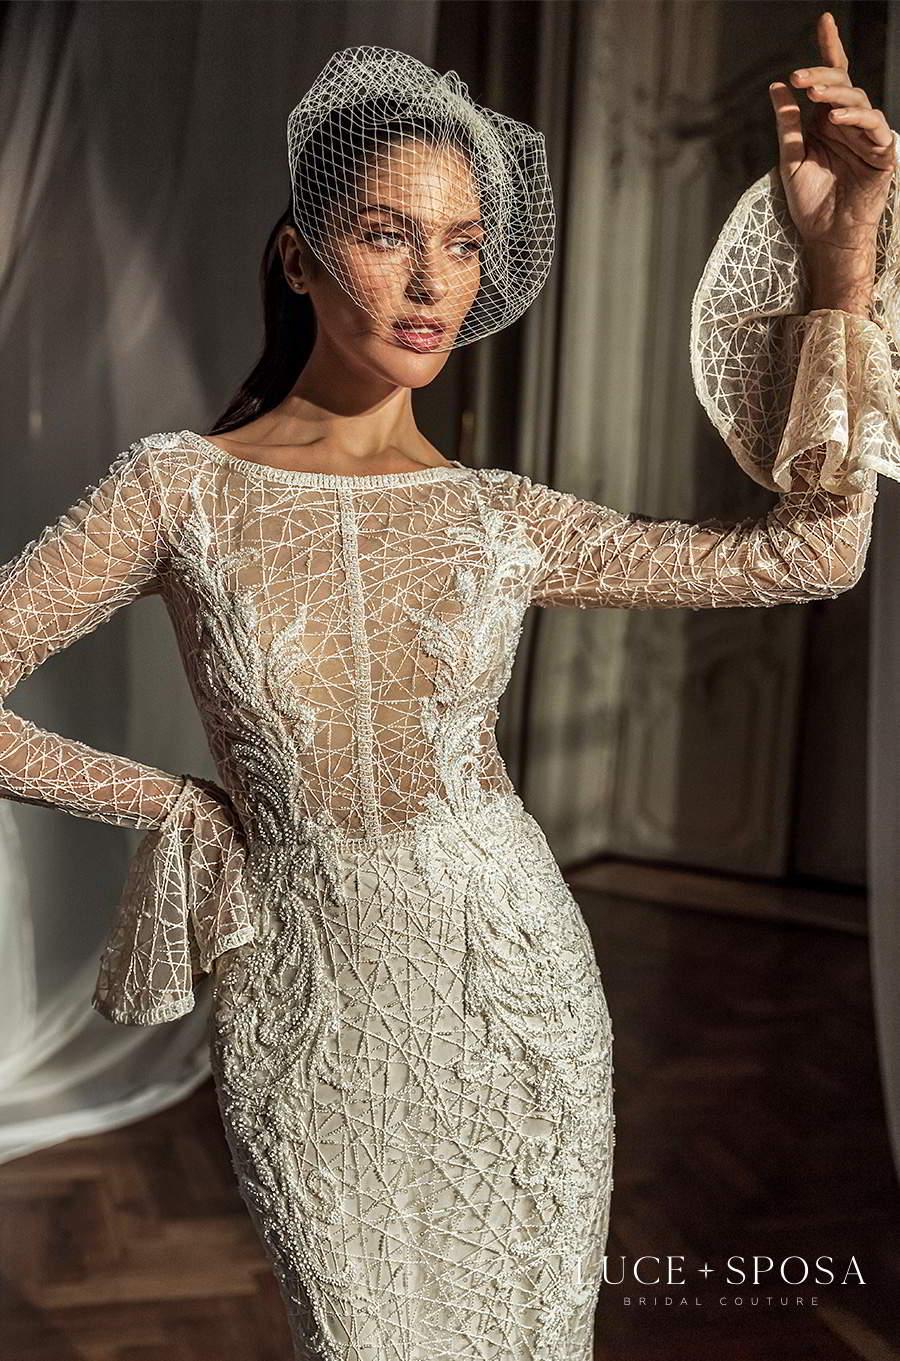 luce sposa 2021 shades of couture bridal flare long sleeves bateau neckline fully embellished sheath wedding dress (felisity) zv